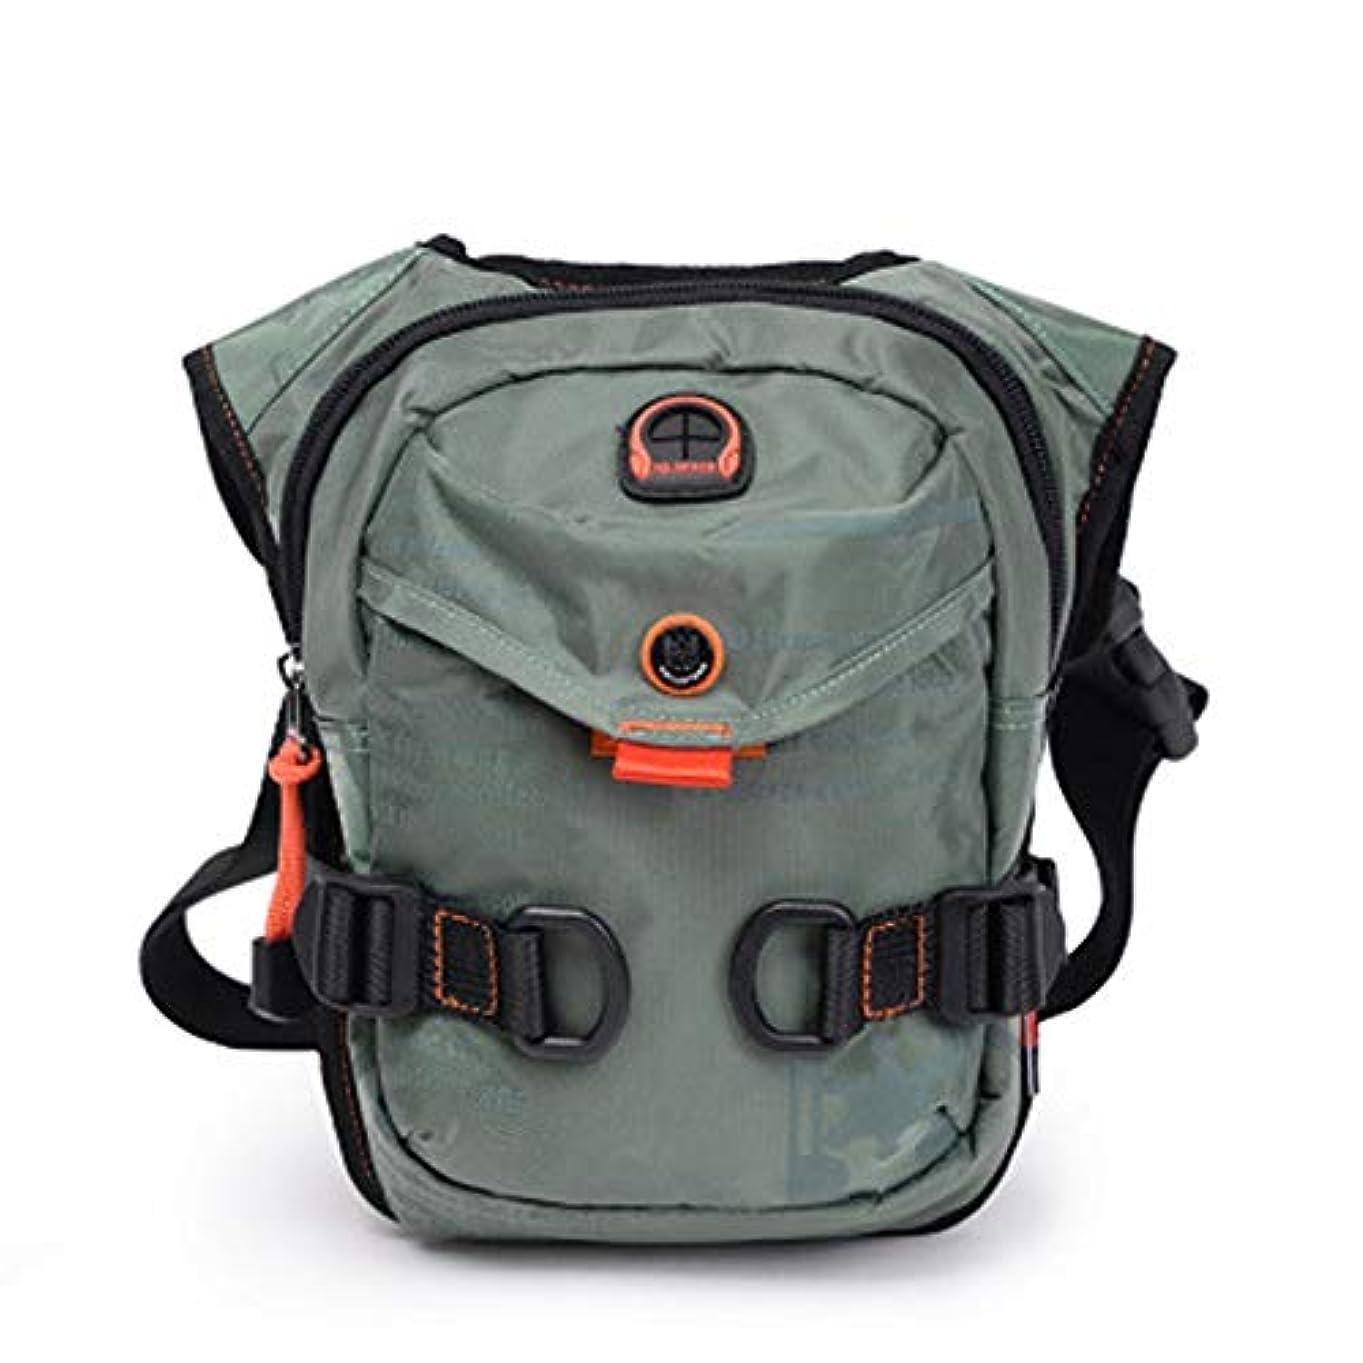 購入探偵南東Bbogvi ウエストバッグスポーツ財布ショルダーバッグ多目的な男性のポケットバッグオックスフォード大容量耐久性 品質保証